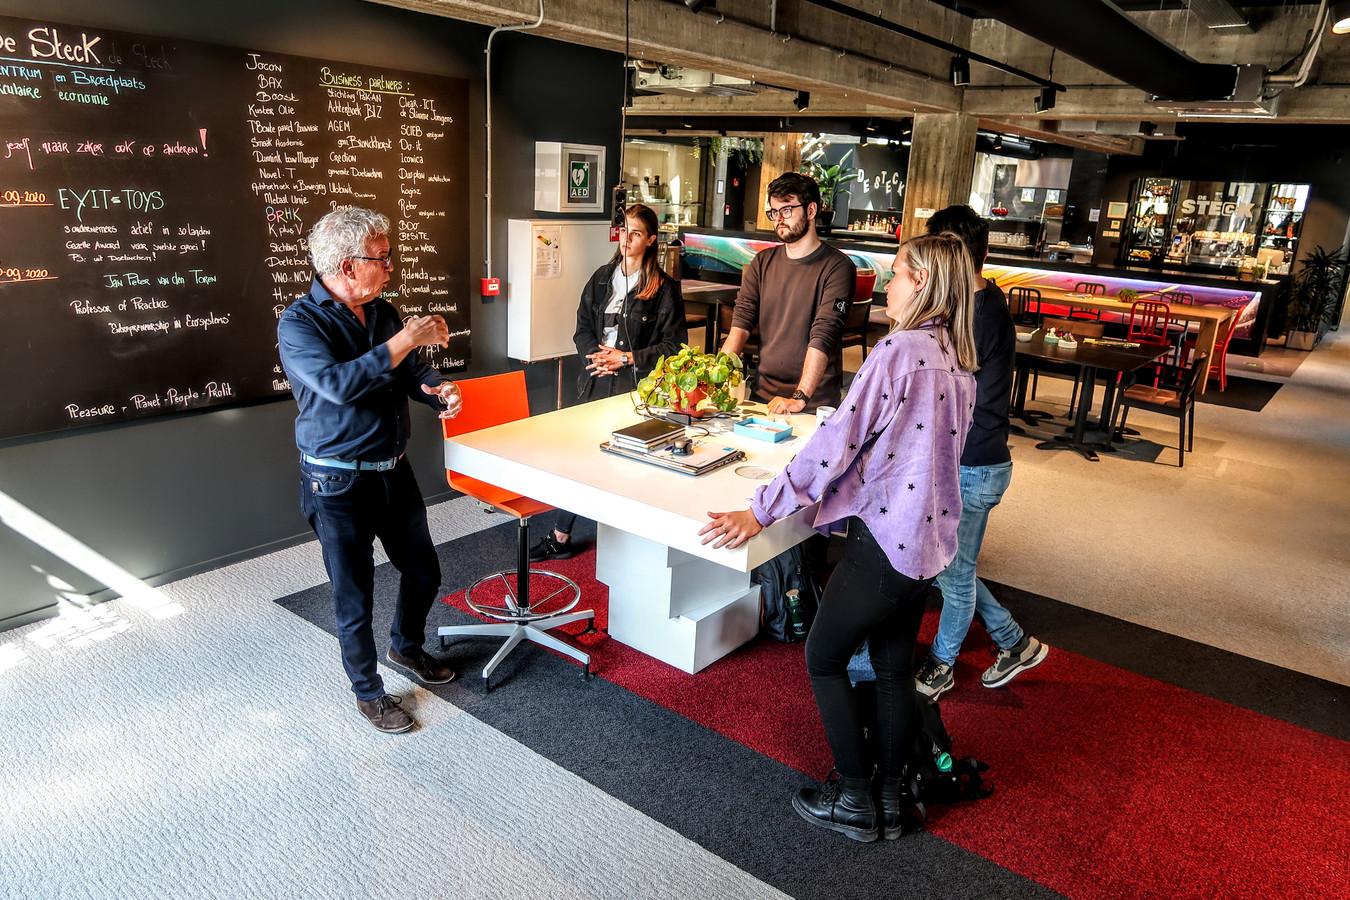 Henk Janssen van het Doetinchemse innovatiecentrum De Steck geeft studenten uitleg over het Achterhoekse bedrijfsleven.